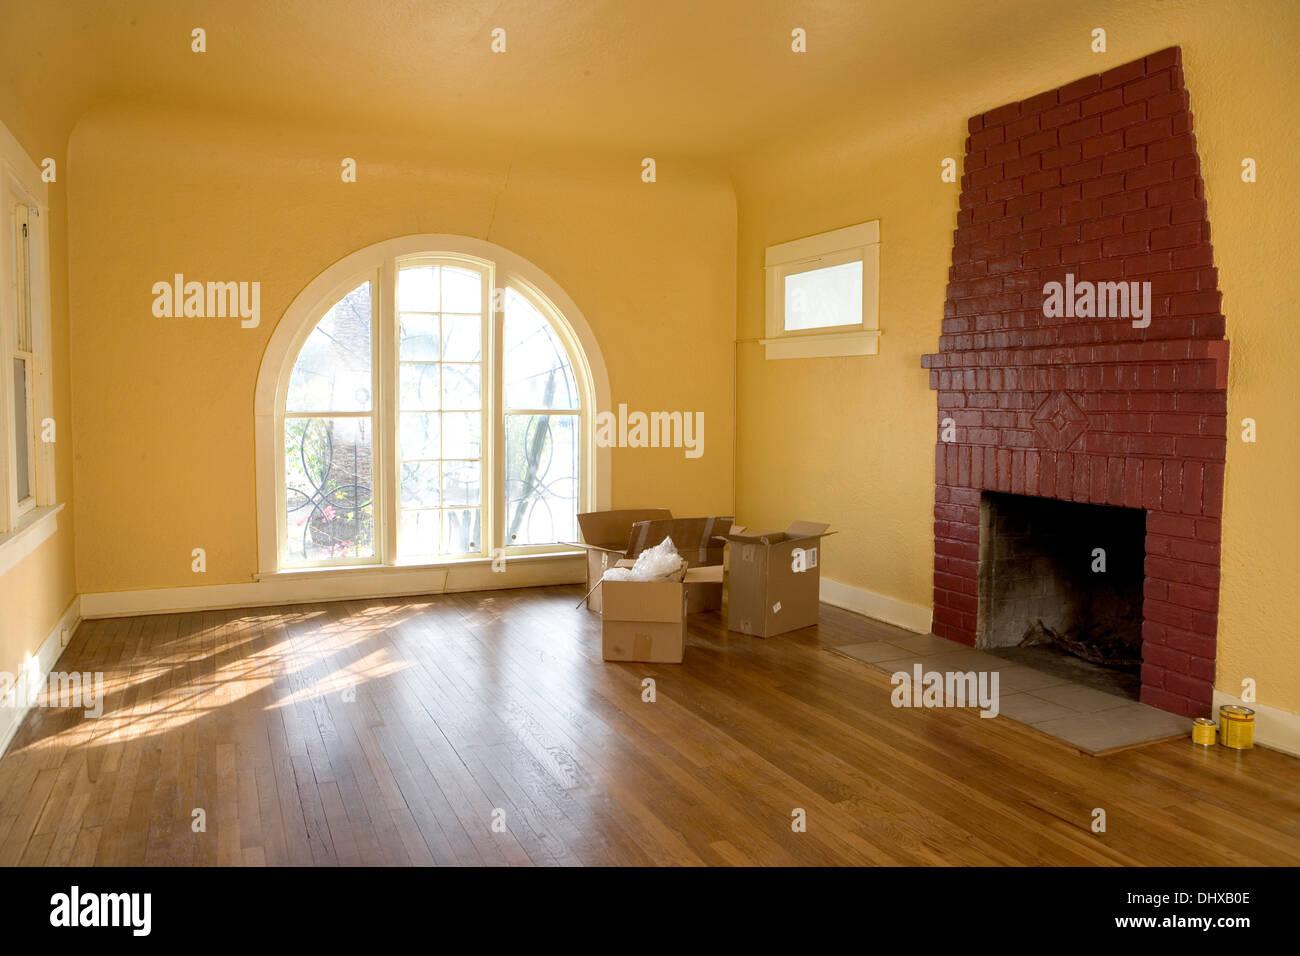 Einen leeren Raum in einem Haus mit Kisten packen oder entpacken Stockbild